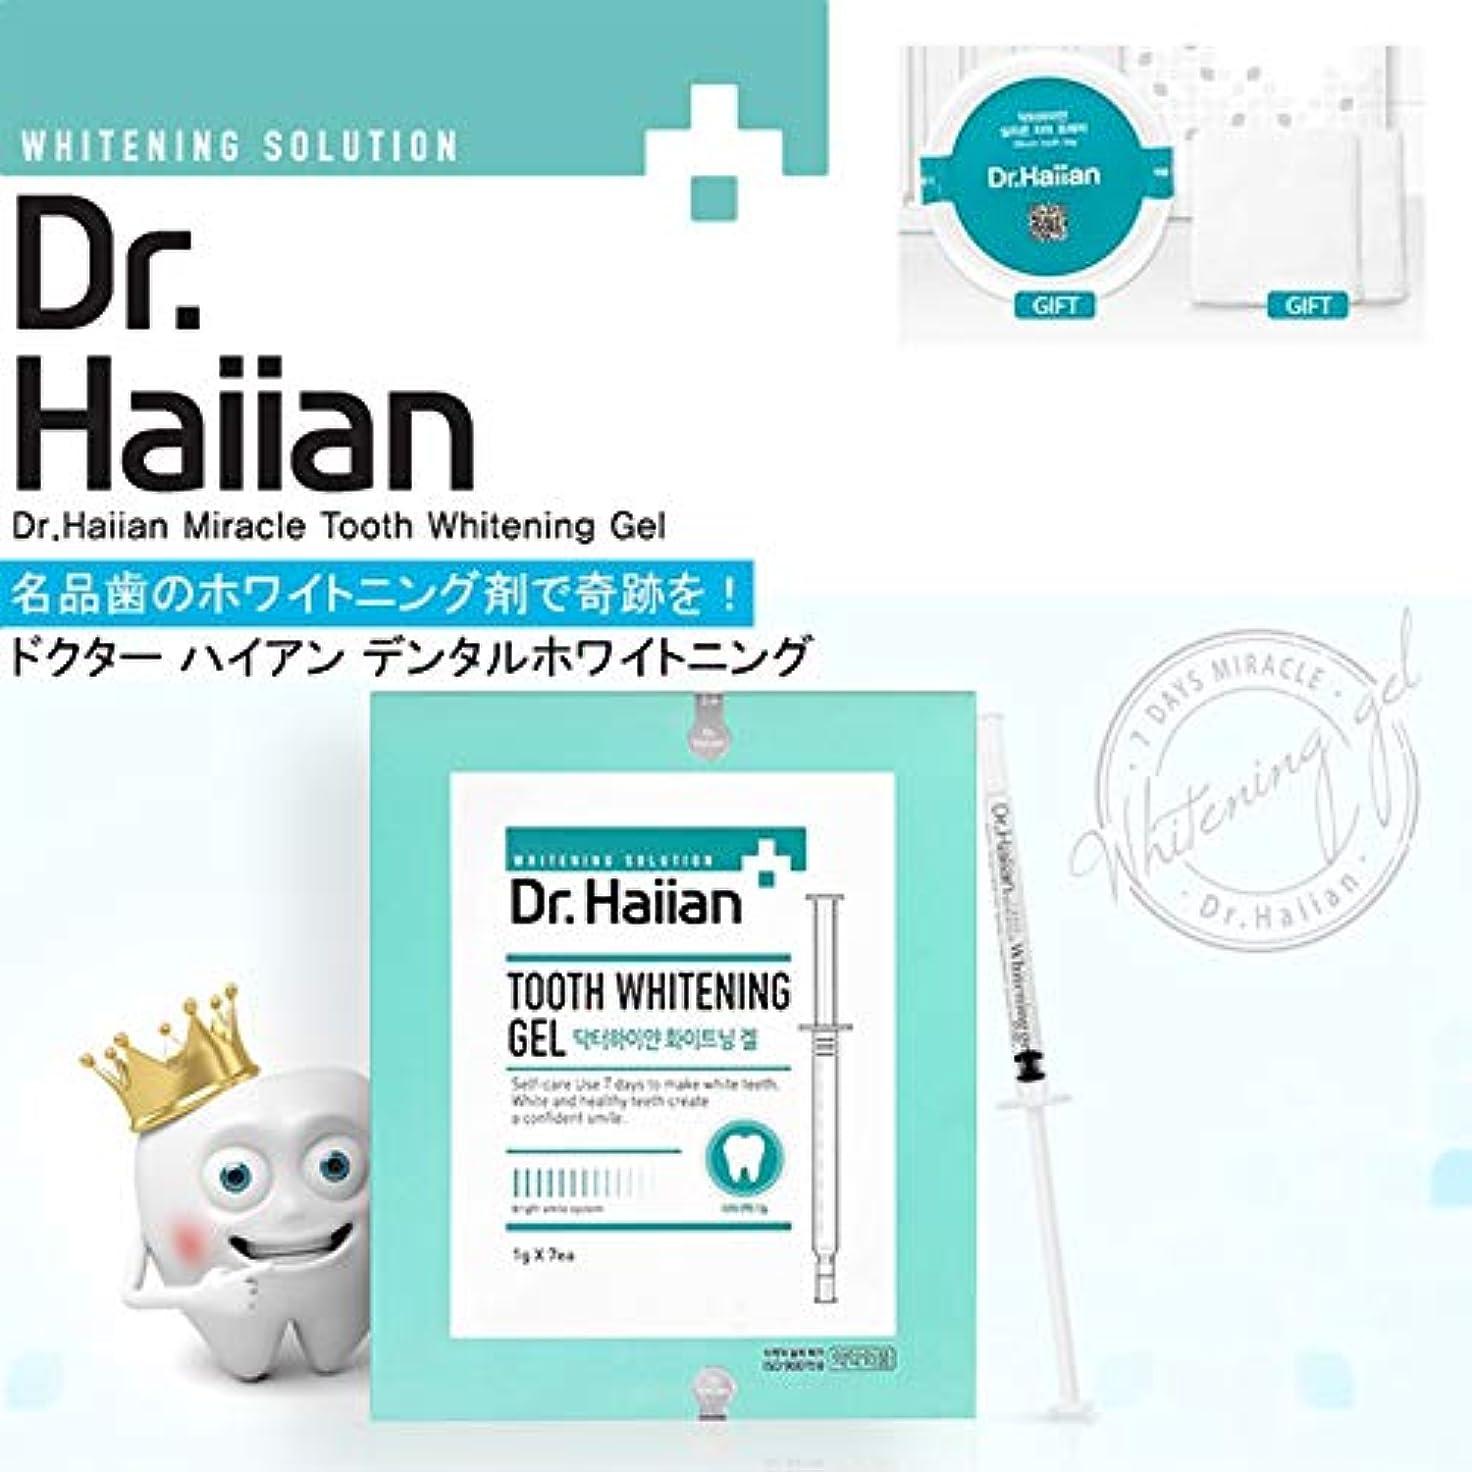 ブルーム不道徳トースト[SAMSUNG PHARM]Dr.Haiian 7Days Miracle/7日間の奇跡 [SAMSUNG PHARM]白い歯を管理するための/使ったら歯が白くなる!/Self-Teeth Whitening Agent...